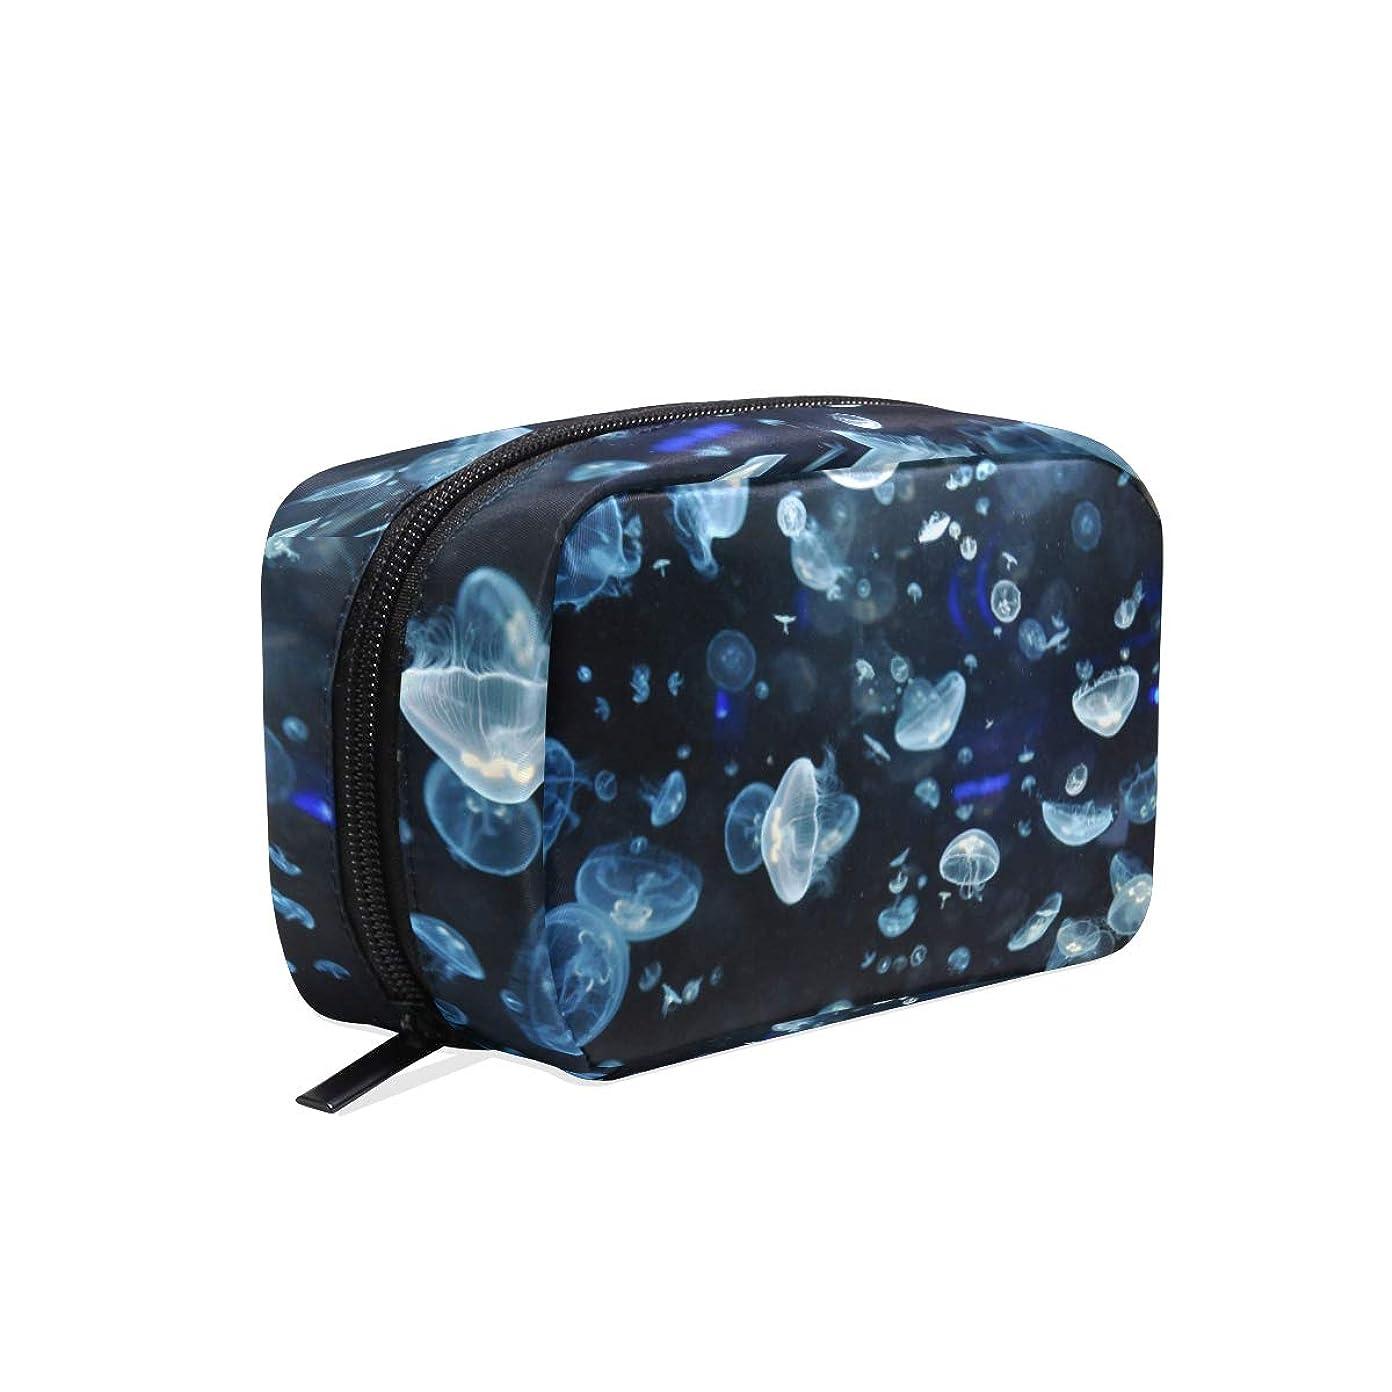 溶かす栄光の申込みクラゲ 柄 化粧ポーチ メイクポーチ 機能的 大容量 化粧品収納 小物入れ 普段使い 出張 旅行 メイク ブラシ バッグ 化粧バッグ